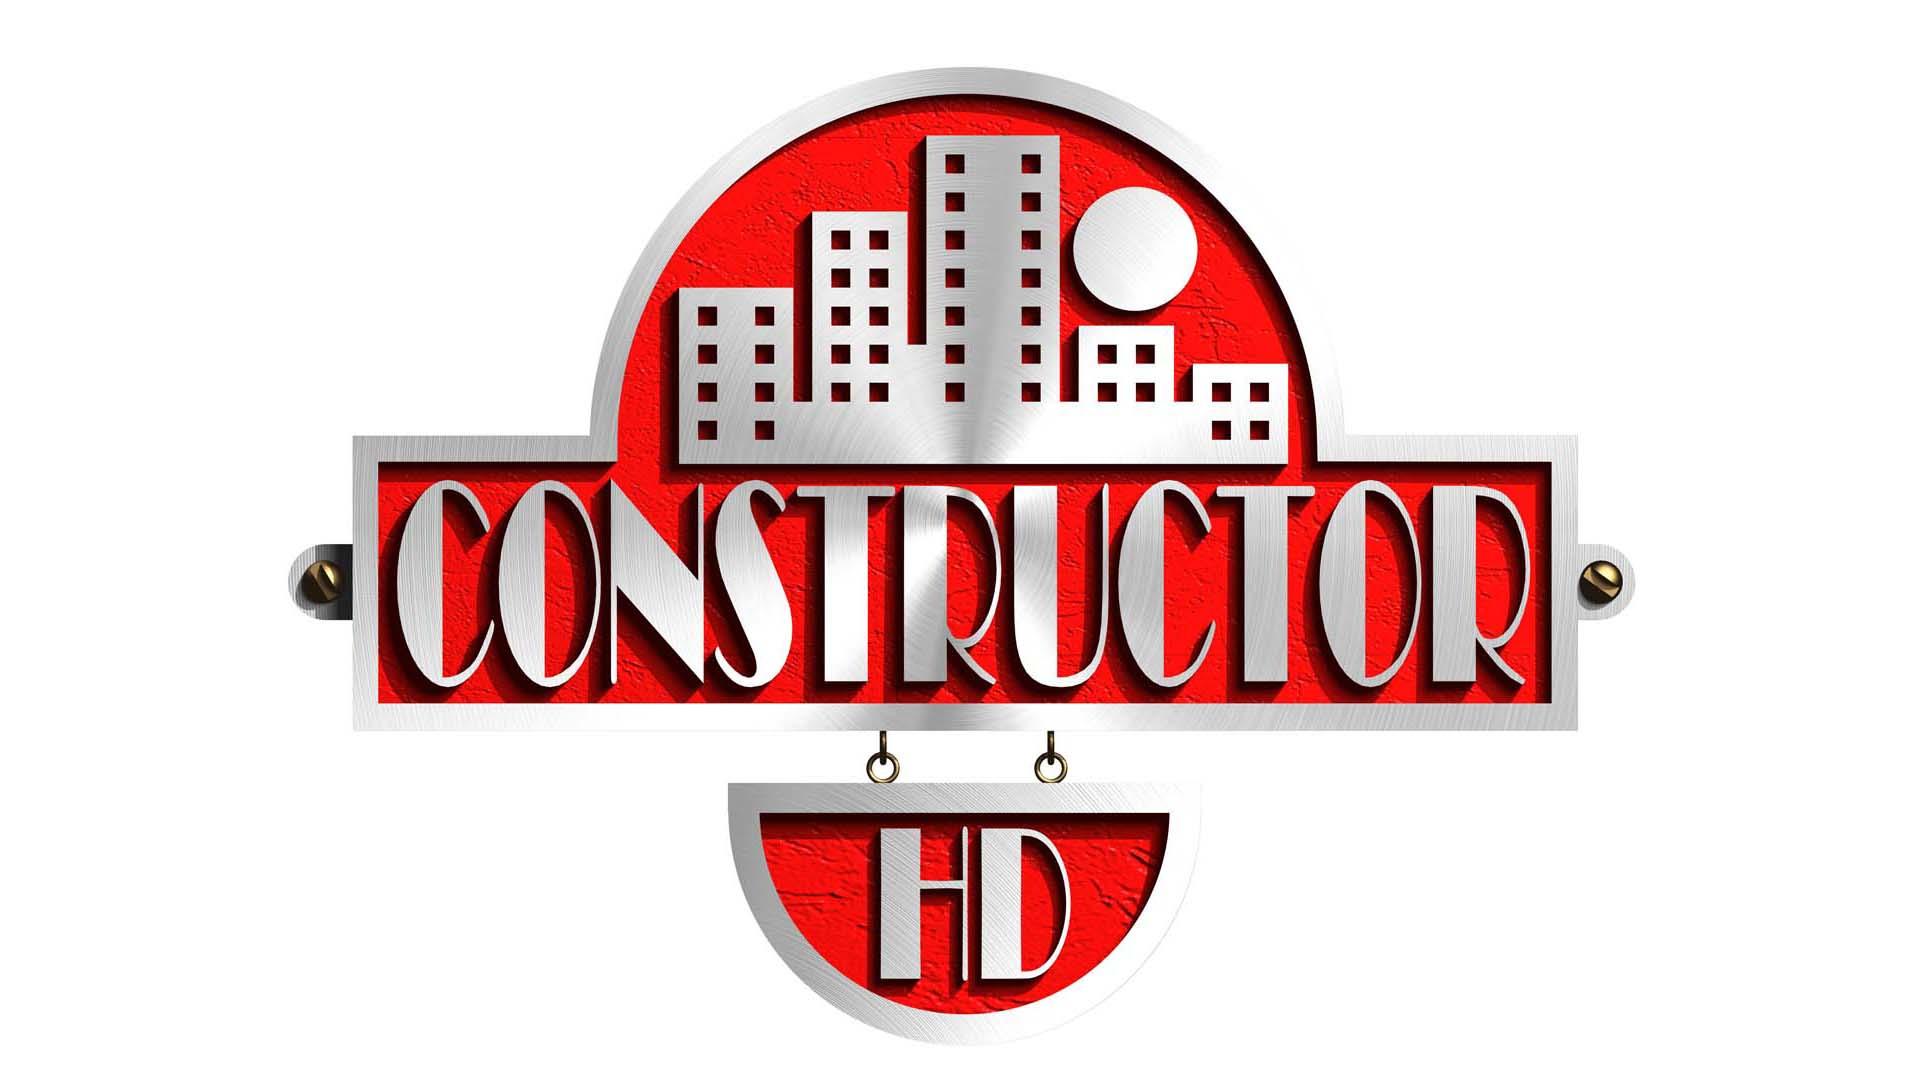 Constructor Demo jetzt auf Steam verfügbar, PlayStation 4 Version folgt in Kürze